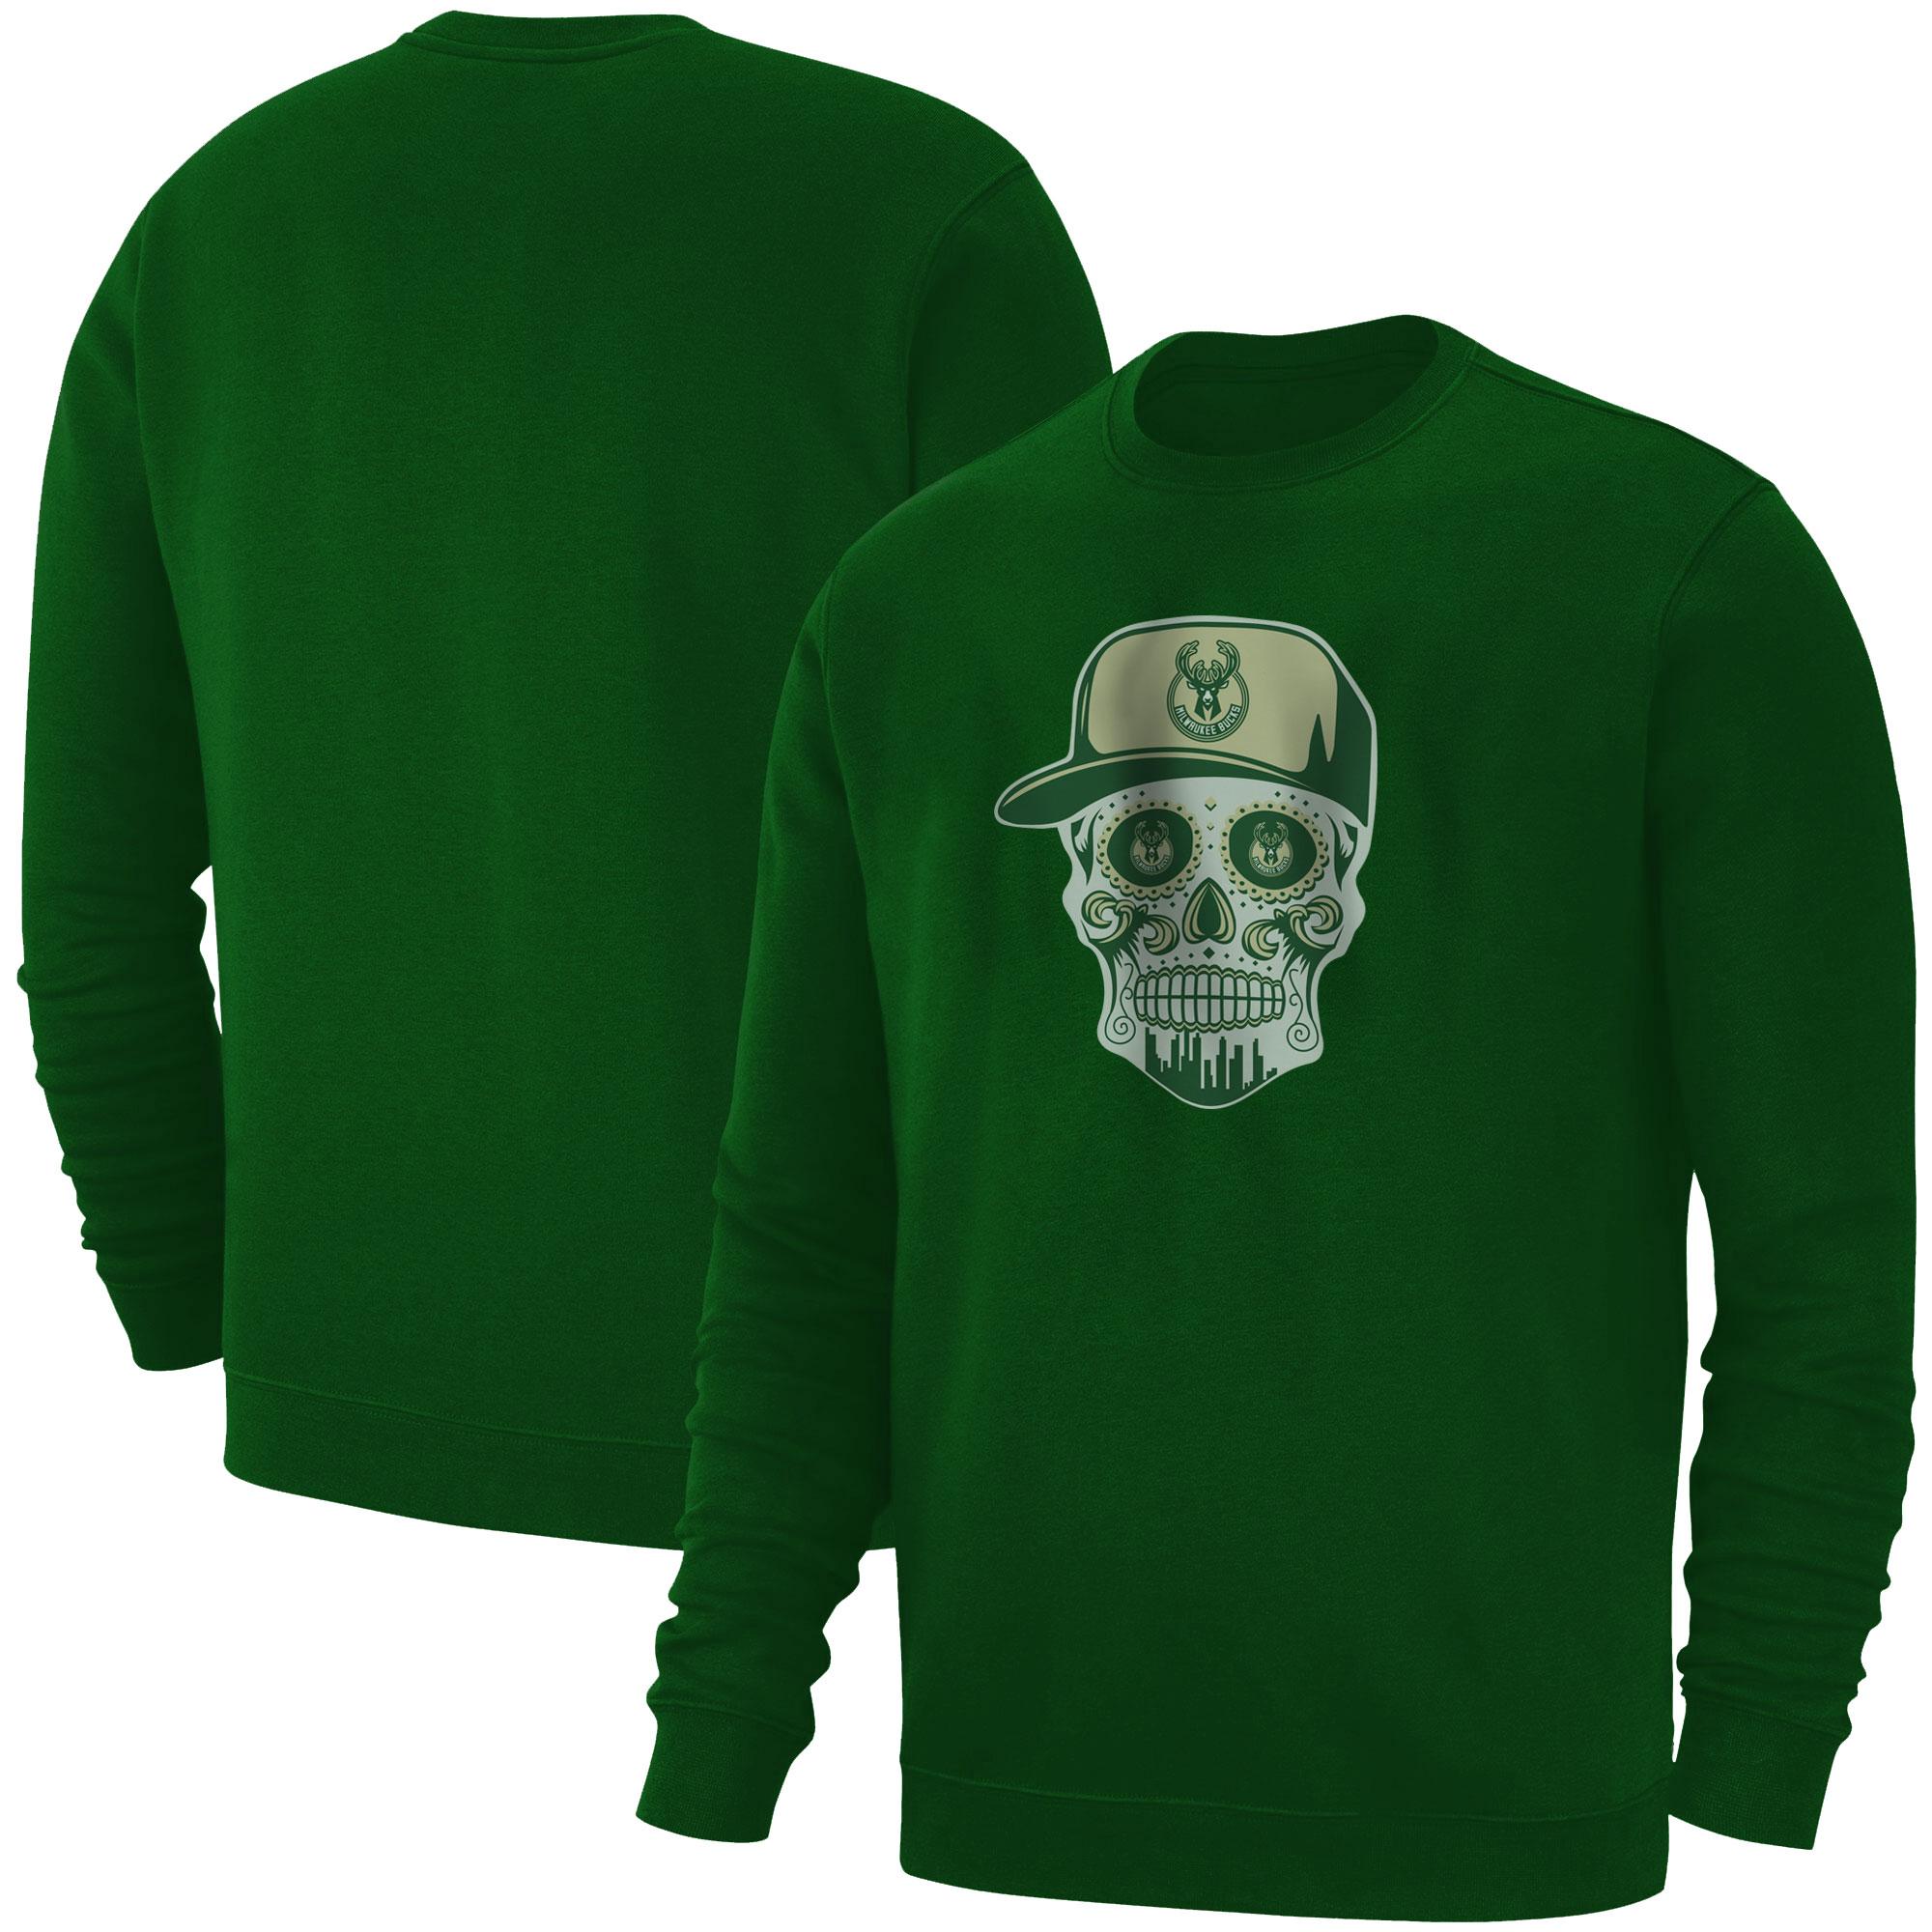 Bucks Skull Basic (BSC-GRN-NP-446.BUCKS.SKULL)